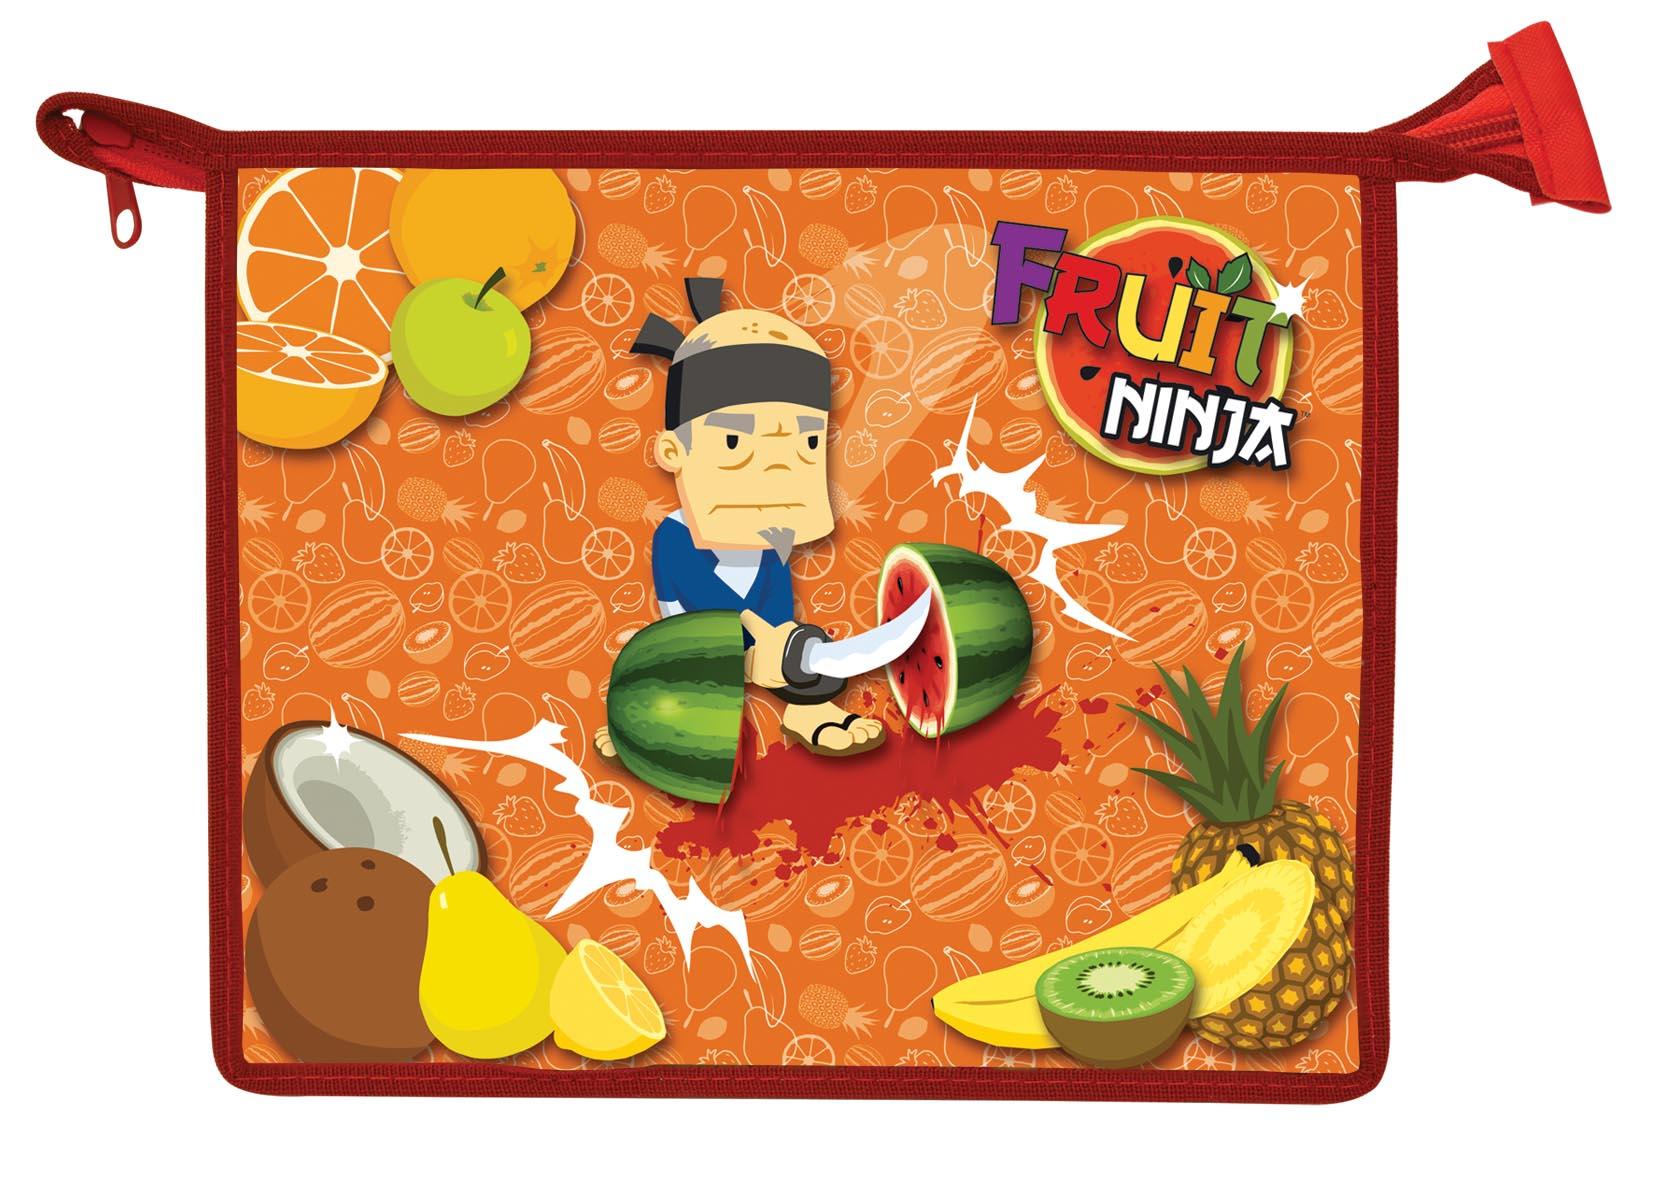 Папка для тетрадей Action! Fruit Ninja, на молнии. Формат A5FS-36054Папка Action! Fruit Ninja предназначена для хранения тетрадей, рисунков и прочих бумаг с максимальным форматом А5. Папка выполнена из прочного материала и содержит одно отделение. Закрывается она на застежку-молнию. Лицевая сторона папки оформлена ярким рисунком.С папкой Action! Fruit Ninja тетради вашего ребенка всегда будут выглядеть опрятно.